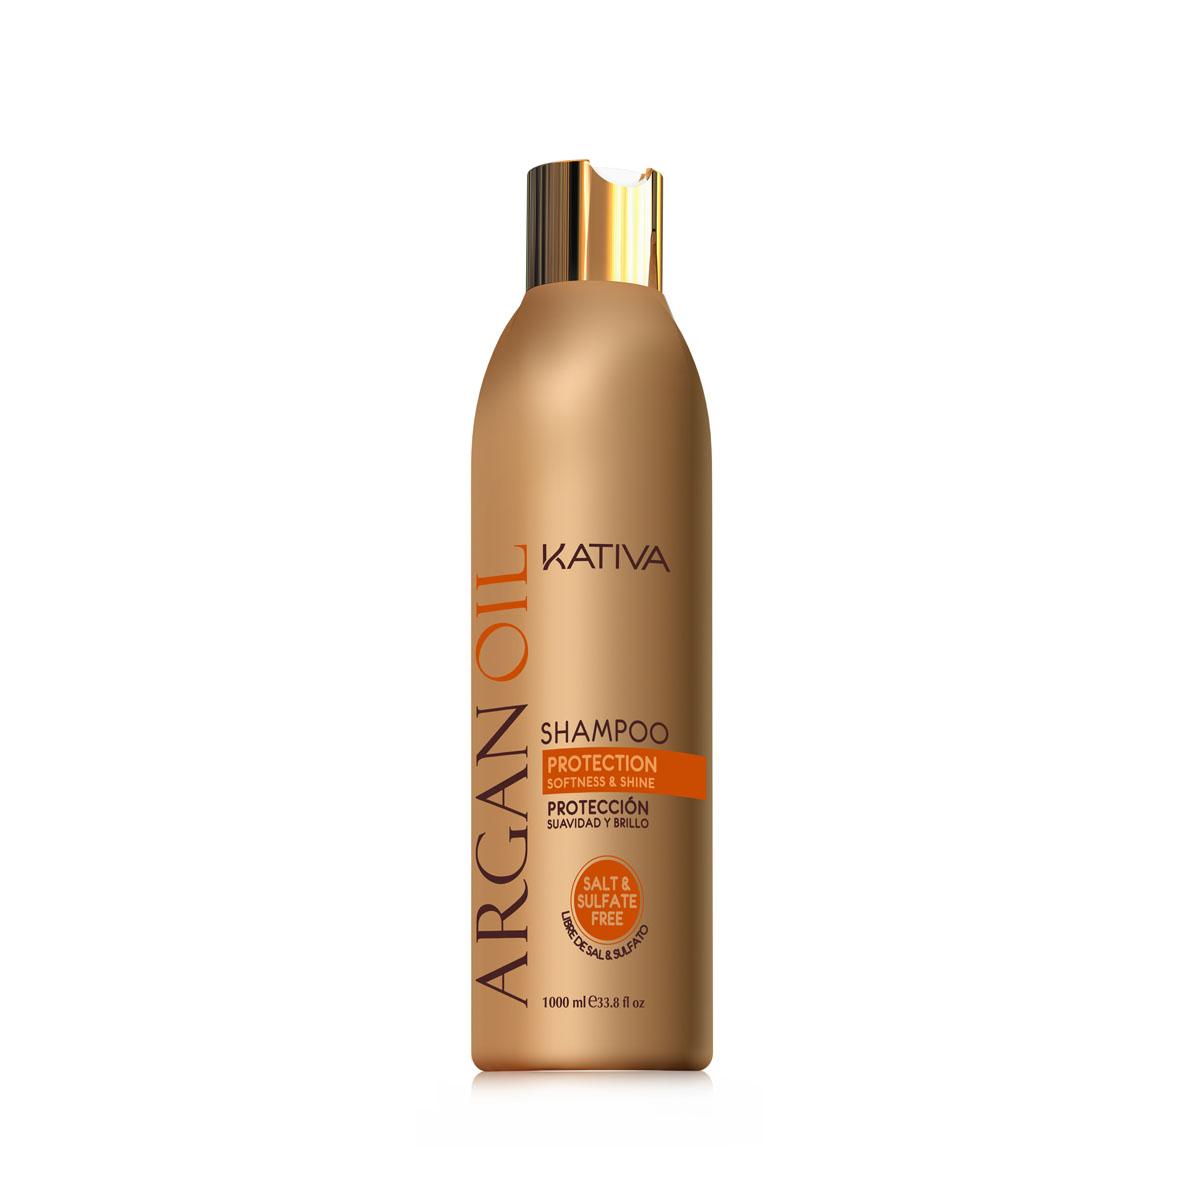 Kativa ARGANA Увлажняющий шампунь с маслом Арганы 250 мл kativa интенсивный восстанавливающий увлажняющий уход для волос с маслом арганы kativa argana 65807243 500 мл